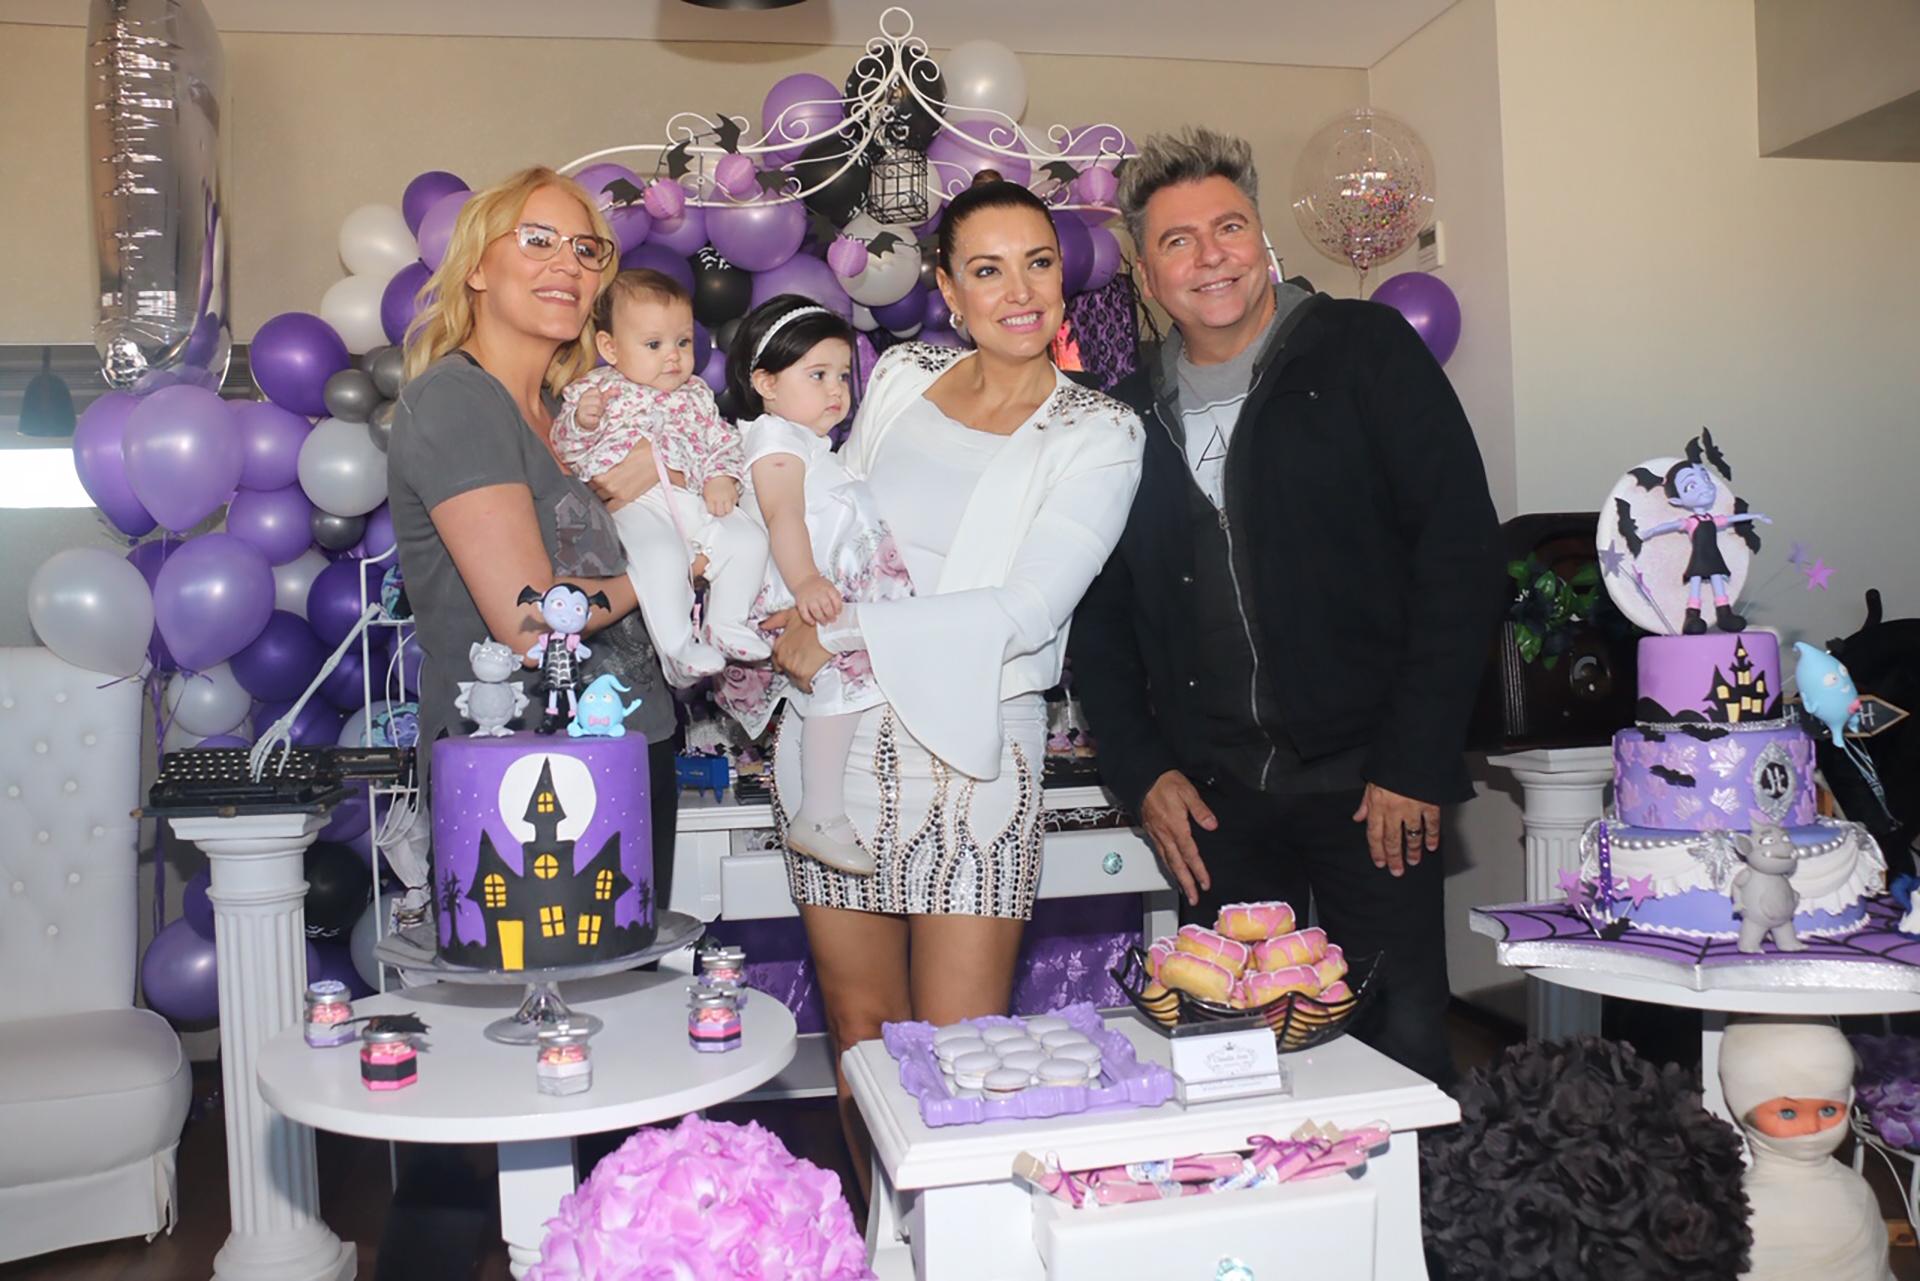 Débora D'Amato con su hija, Lola, y Daniel Ambrosino también estuvieron presentes (Verónica Guerman / Teleshow)